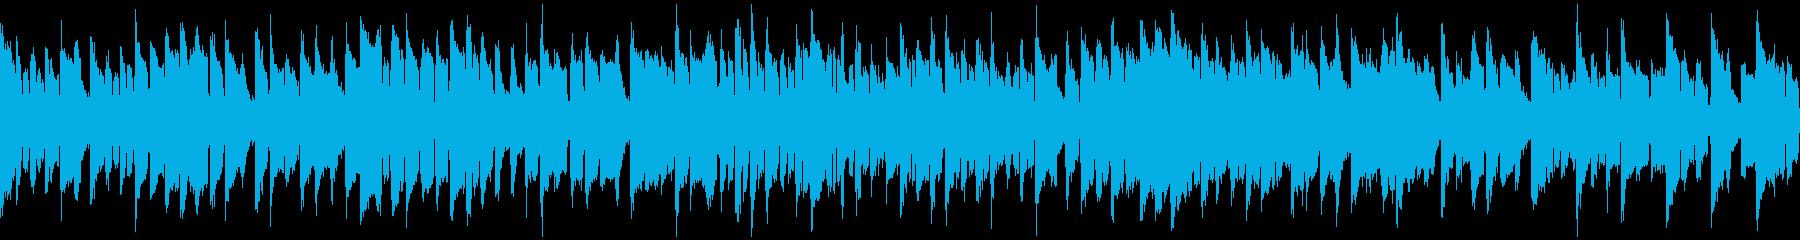 メルヘンチックなリコーダー ※ループ版の再生済みの波形